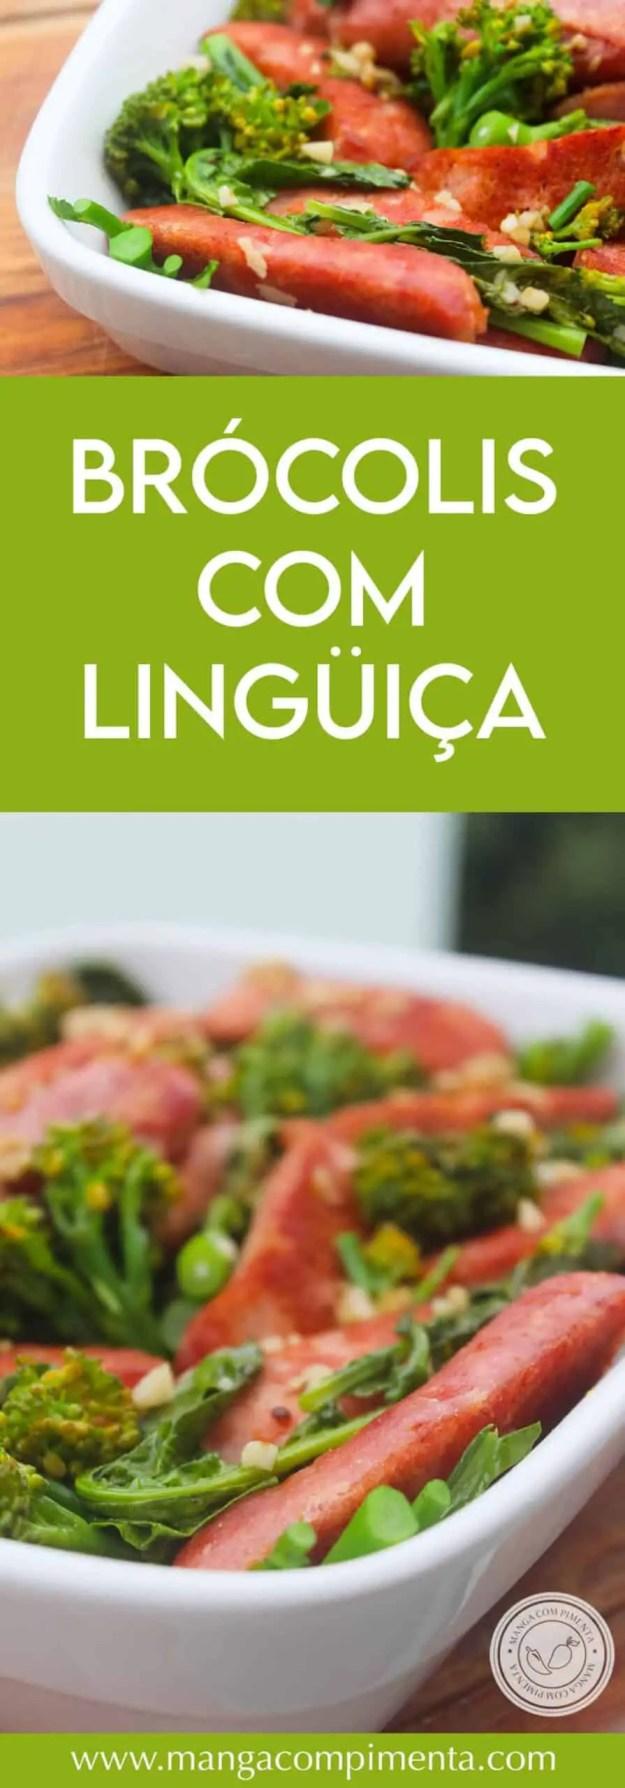 Receita de Brócolis com Lingüiça - um almoço rápido, nutritivo e gostoso para a semana!